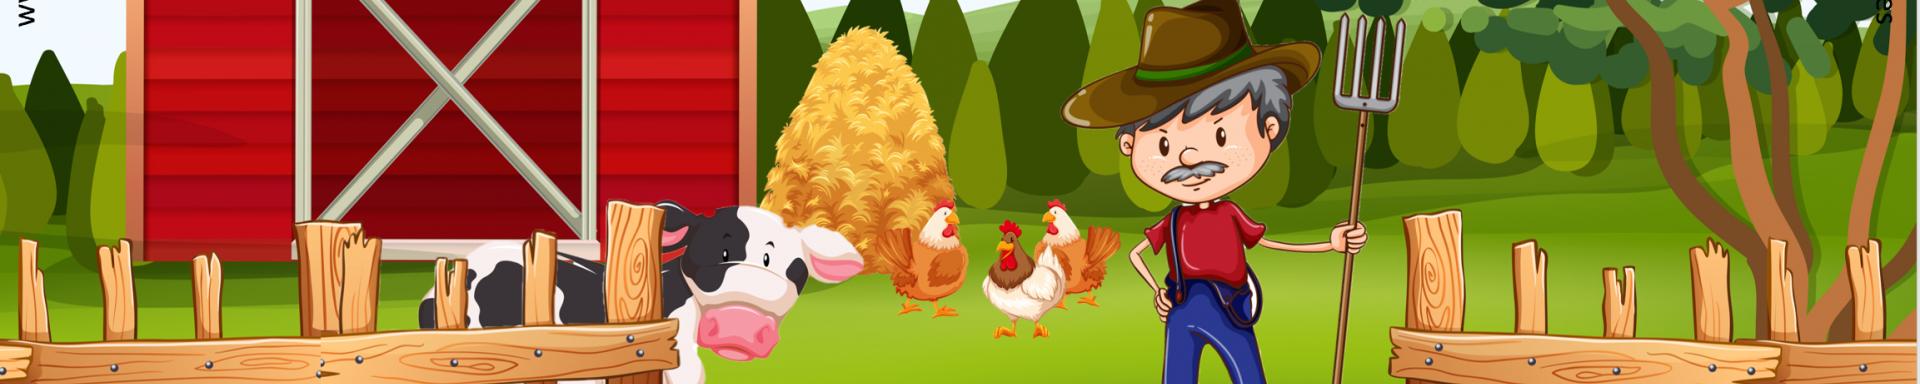 Juego de Pistas Detectivity Farm Animals